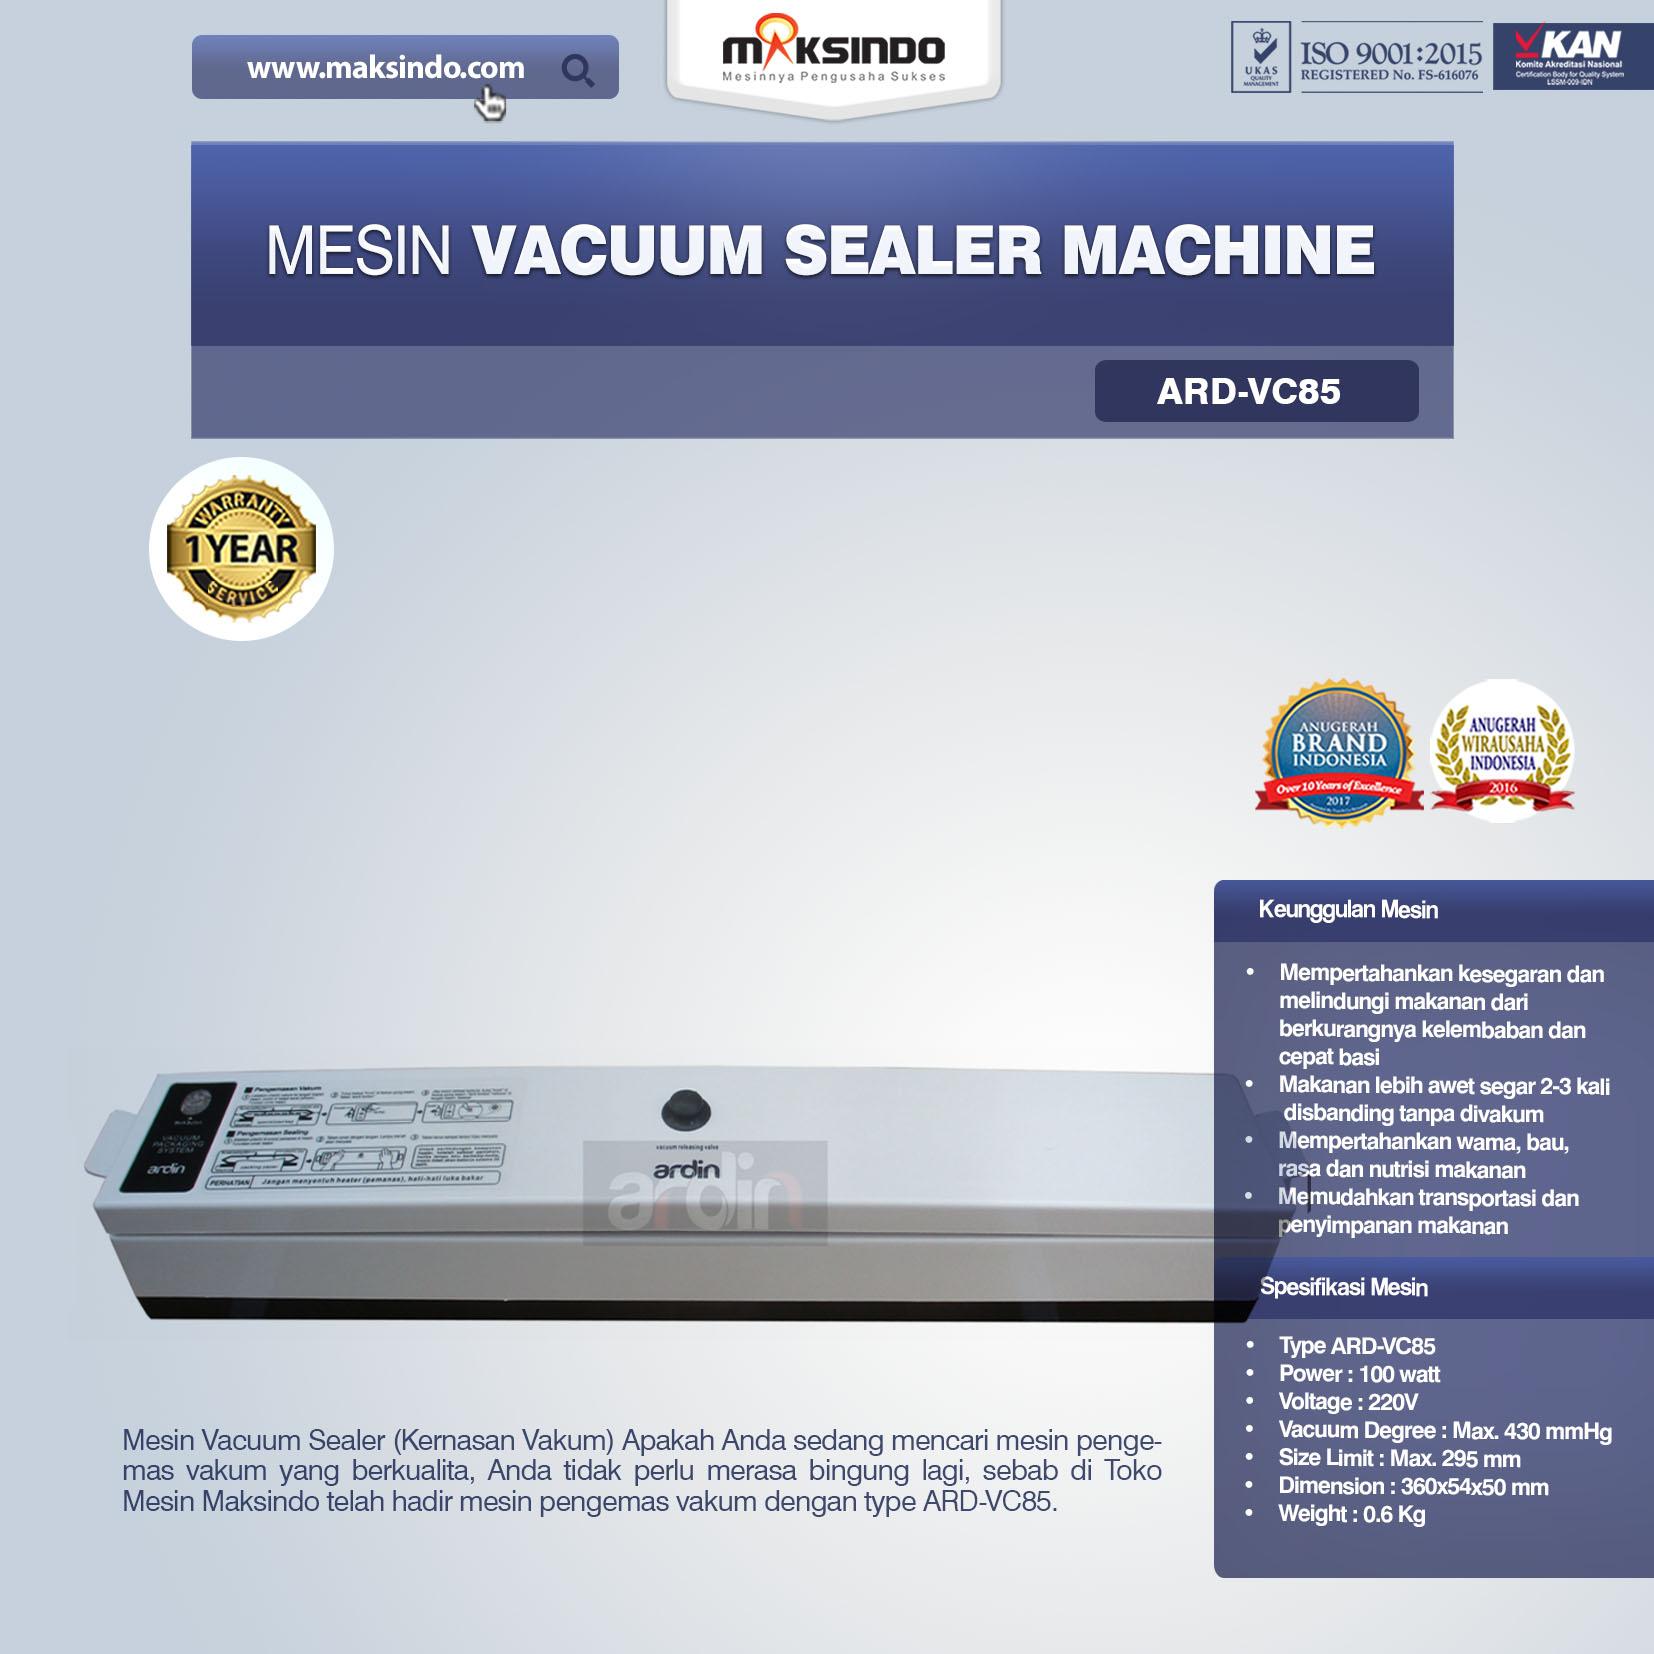 Jual Mesin Vacuum Sealer Machine ARD-VC85 di Bali